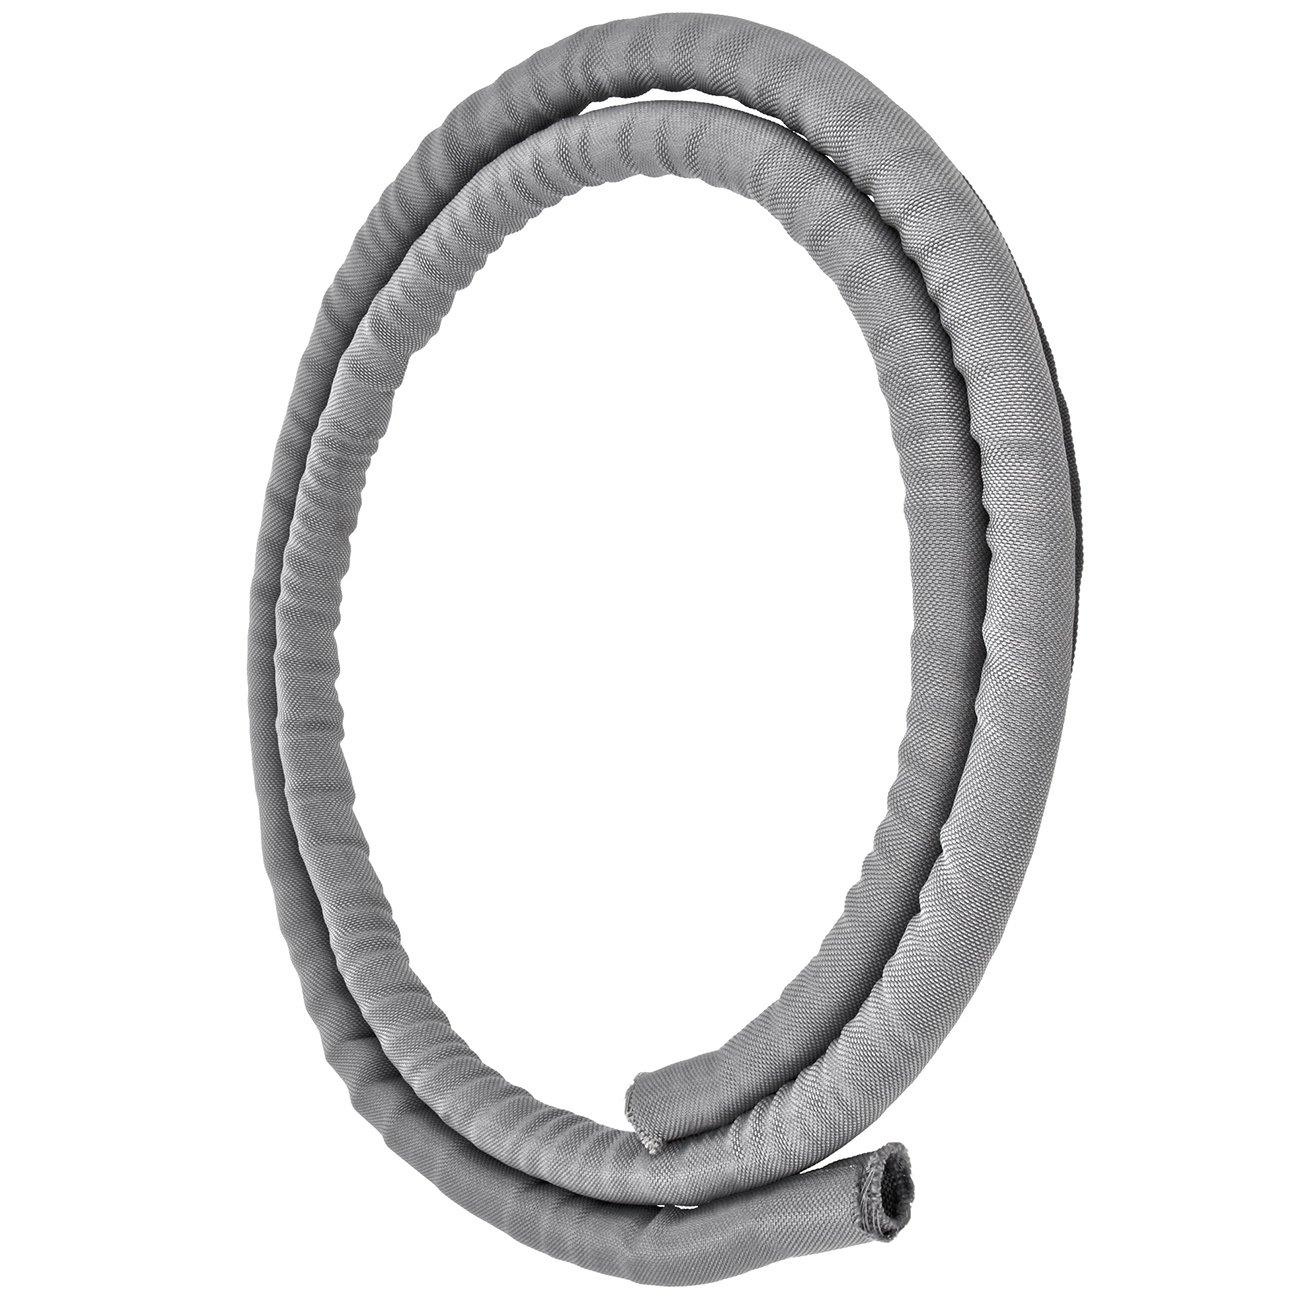 Minadax/® 1 Meter 13mm /Ø Selbstschlie/ßender Profi Kabelschlauch Kabelkanal in grau f/ür flexibles Kabelmanagement